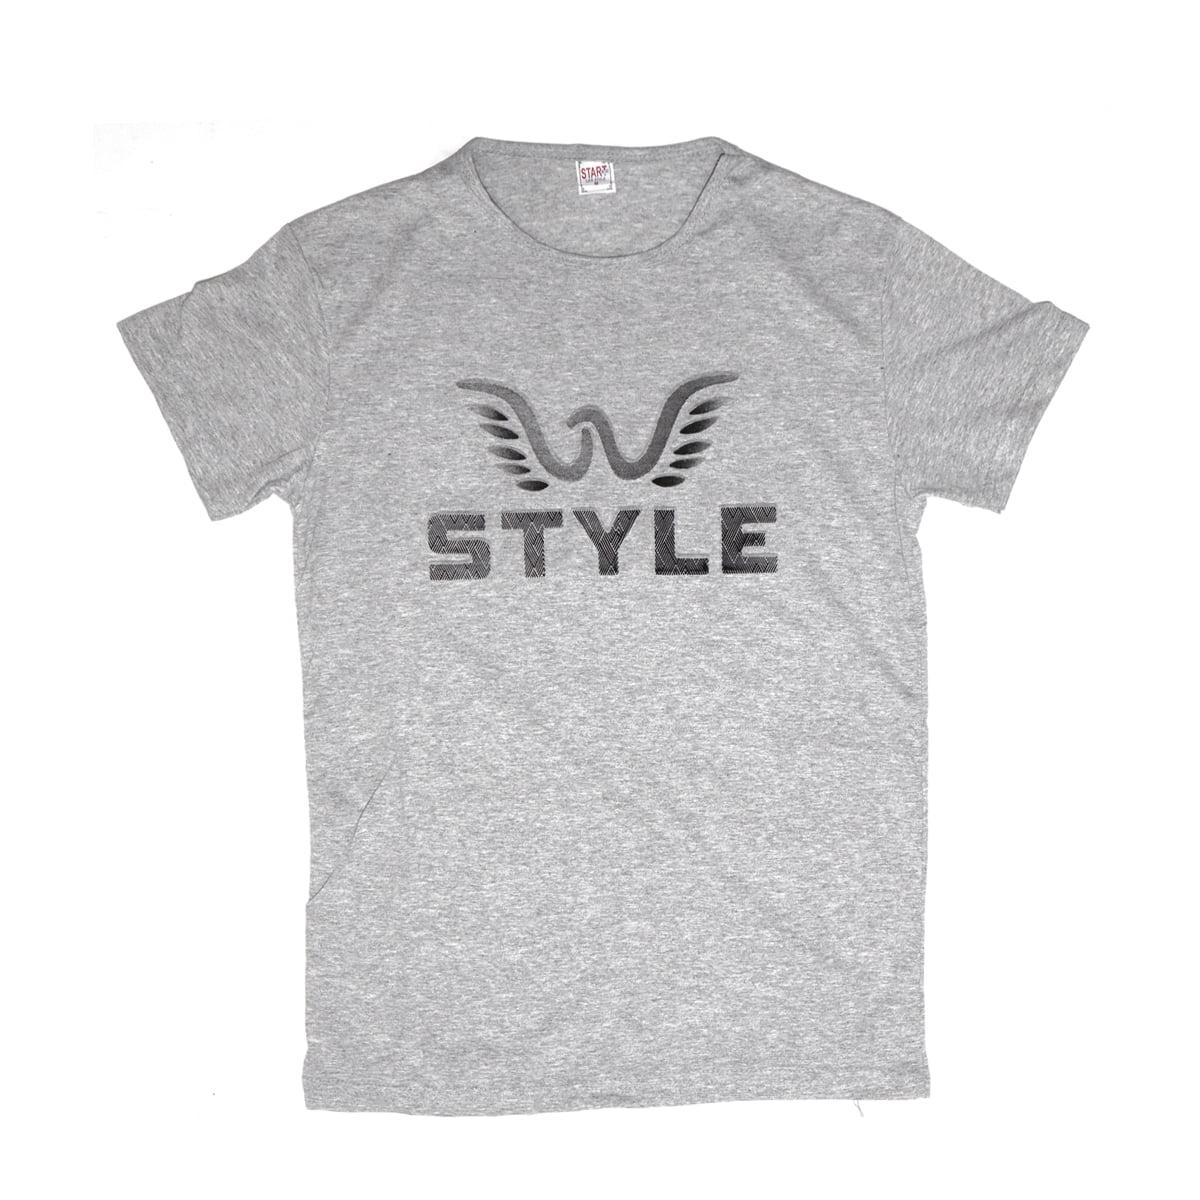 Style,Tricou barbatesc din bumbac 100% gri cu imprimeu in relief style 042